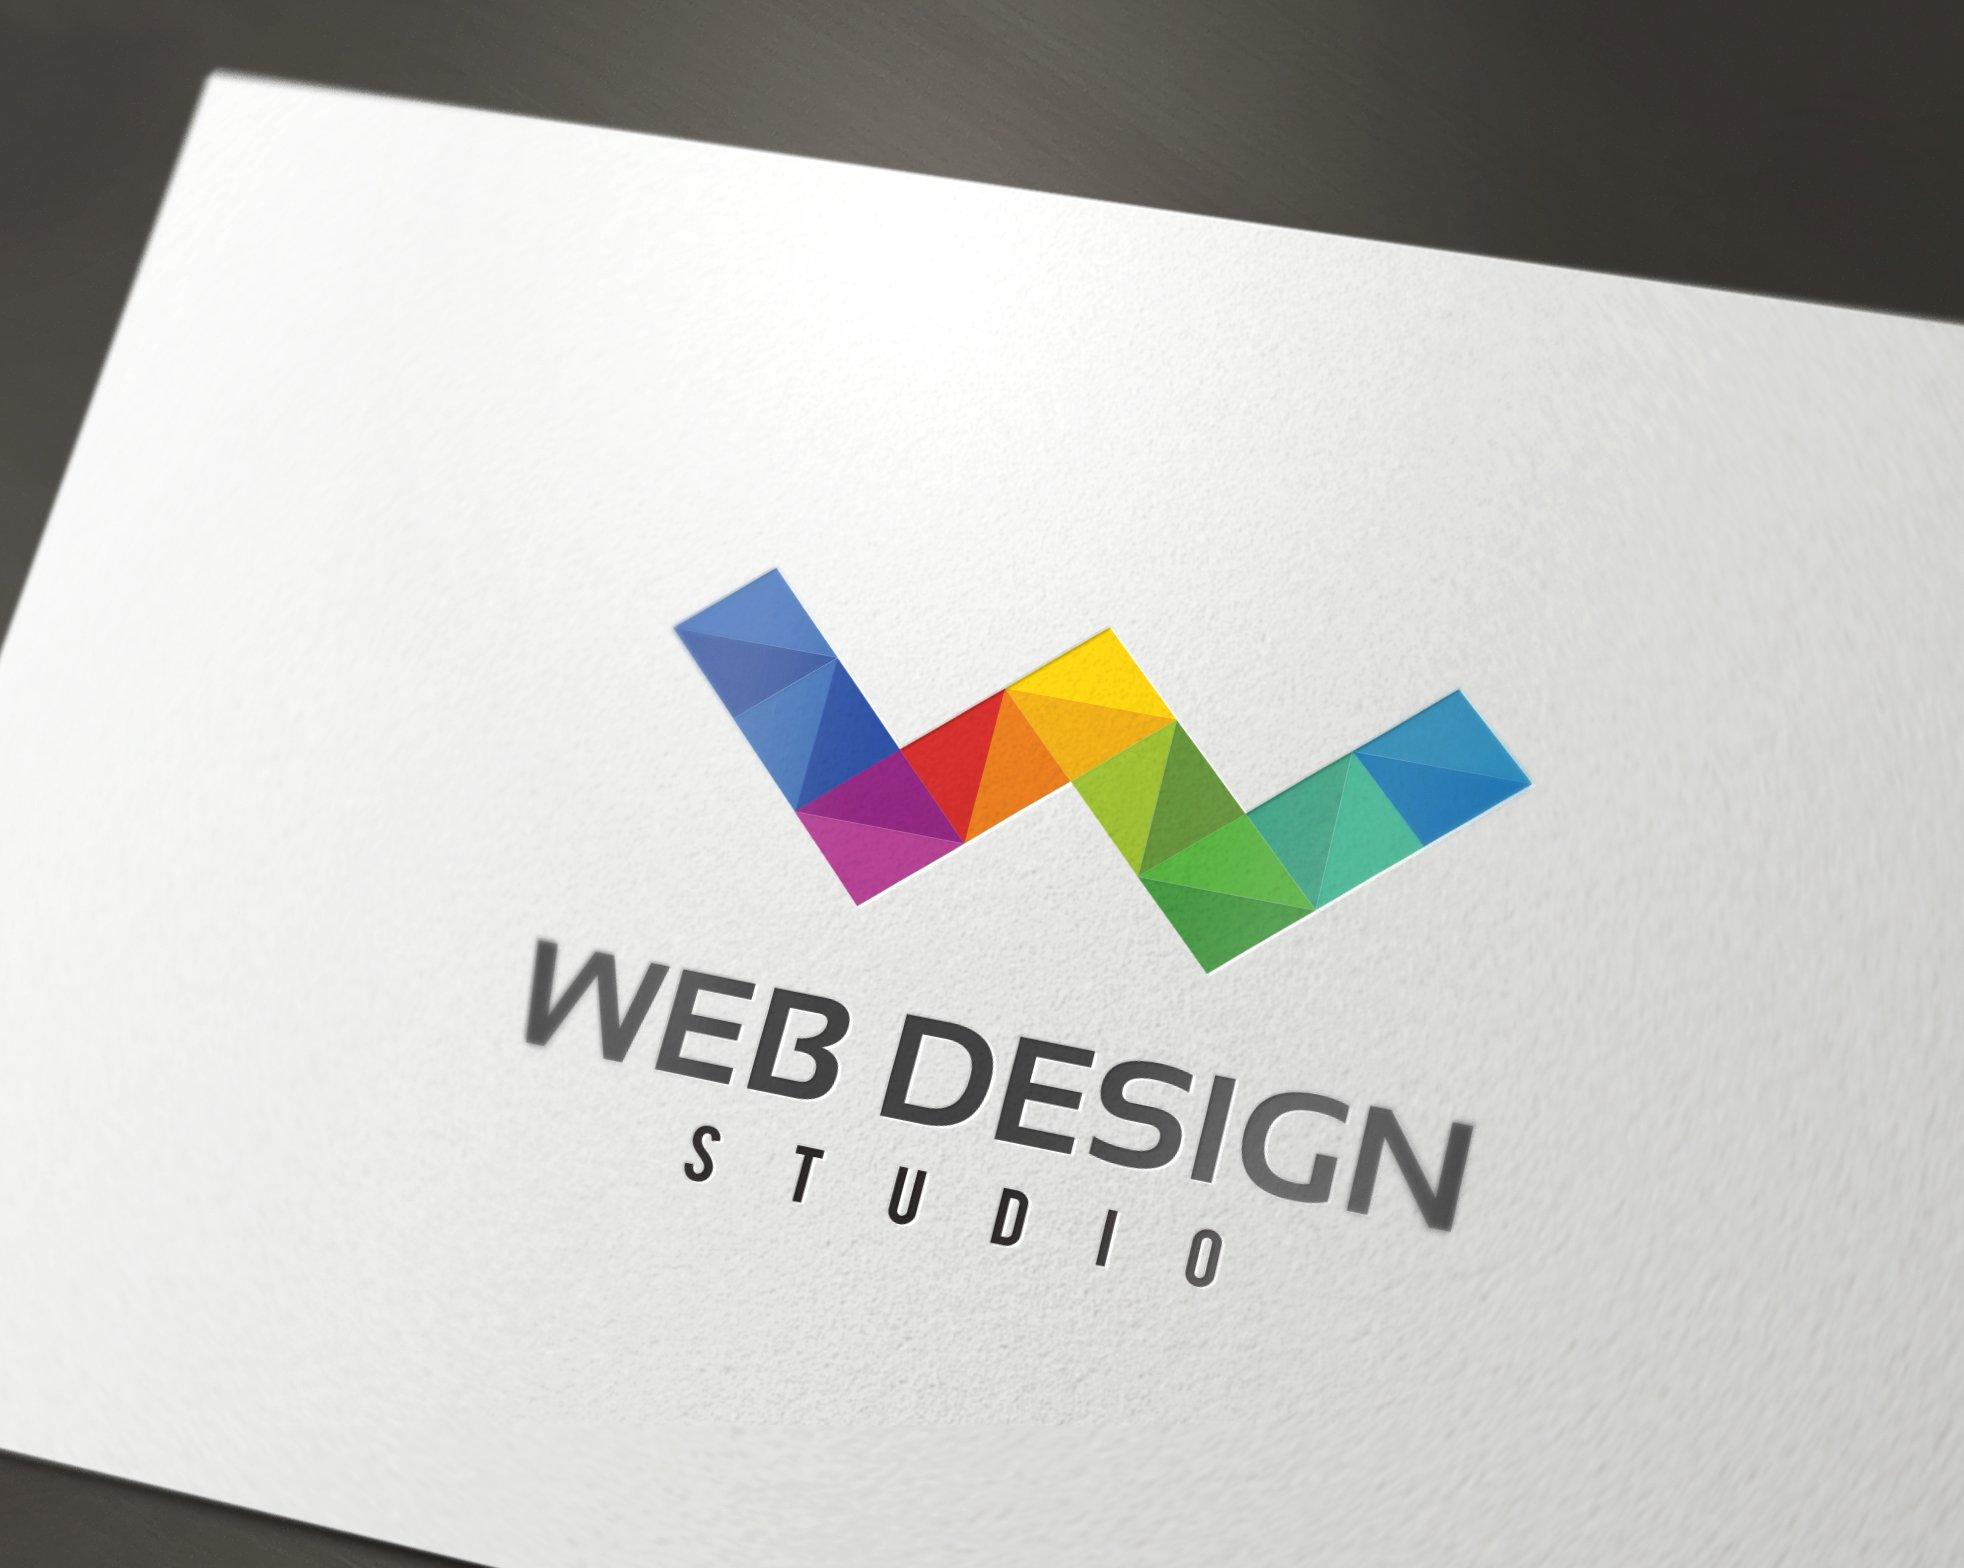 web design w letter logo logo templates creative market. Black Bedroom Furniture Sets. Home Design Ideas